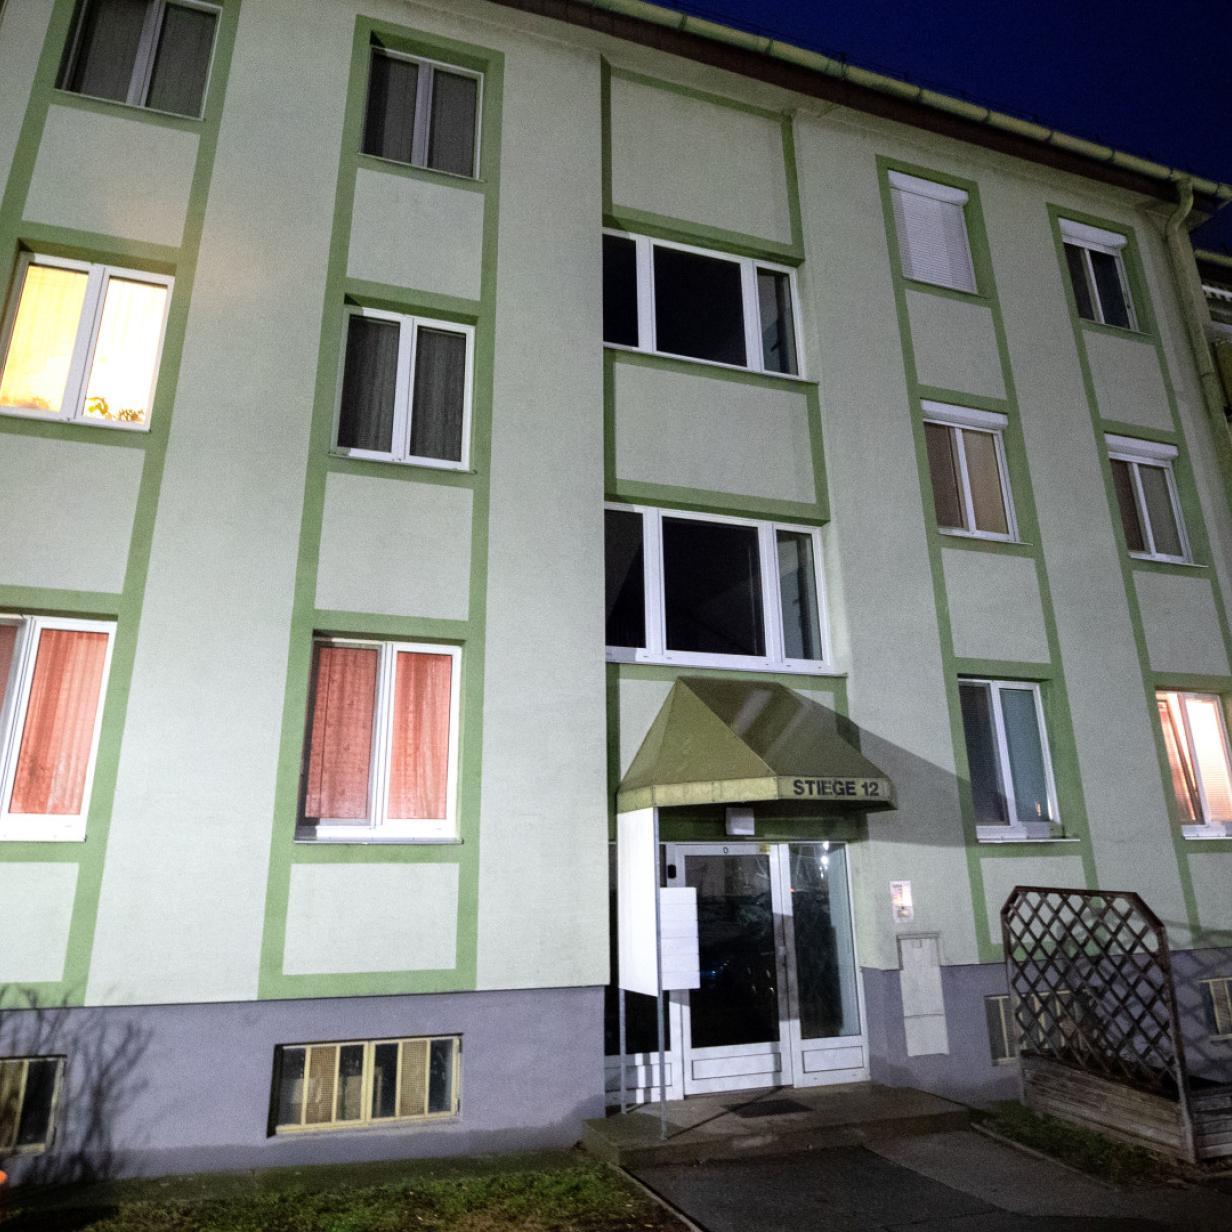 Niedersterreich kosten single, Private sex inserate schweiz